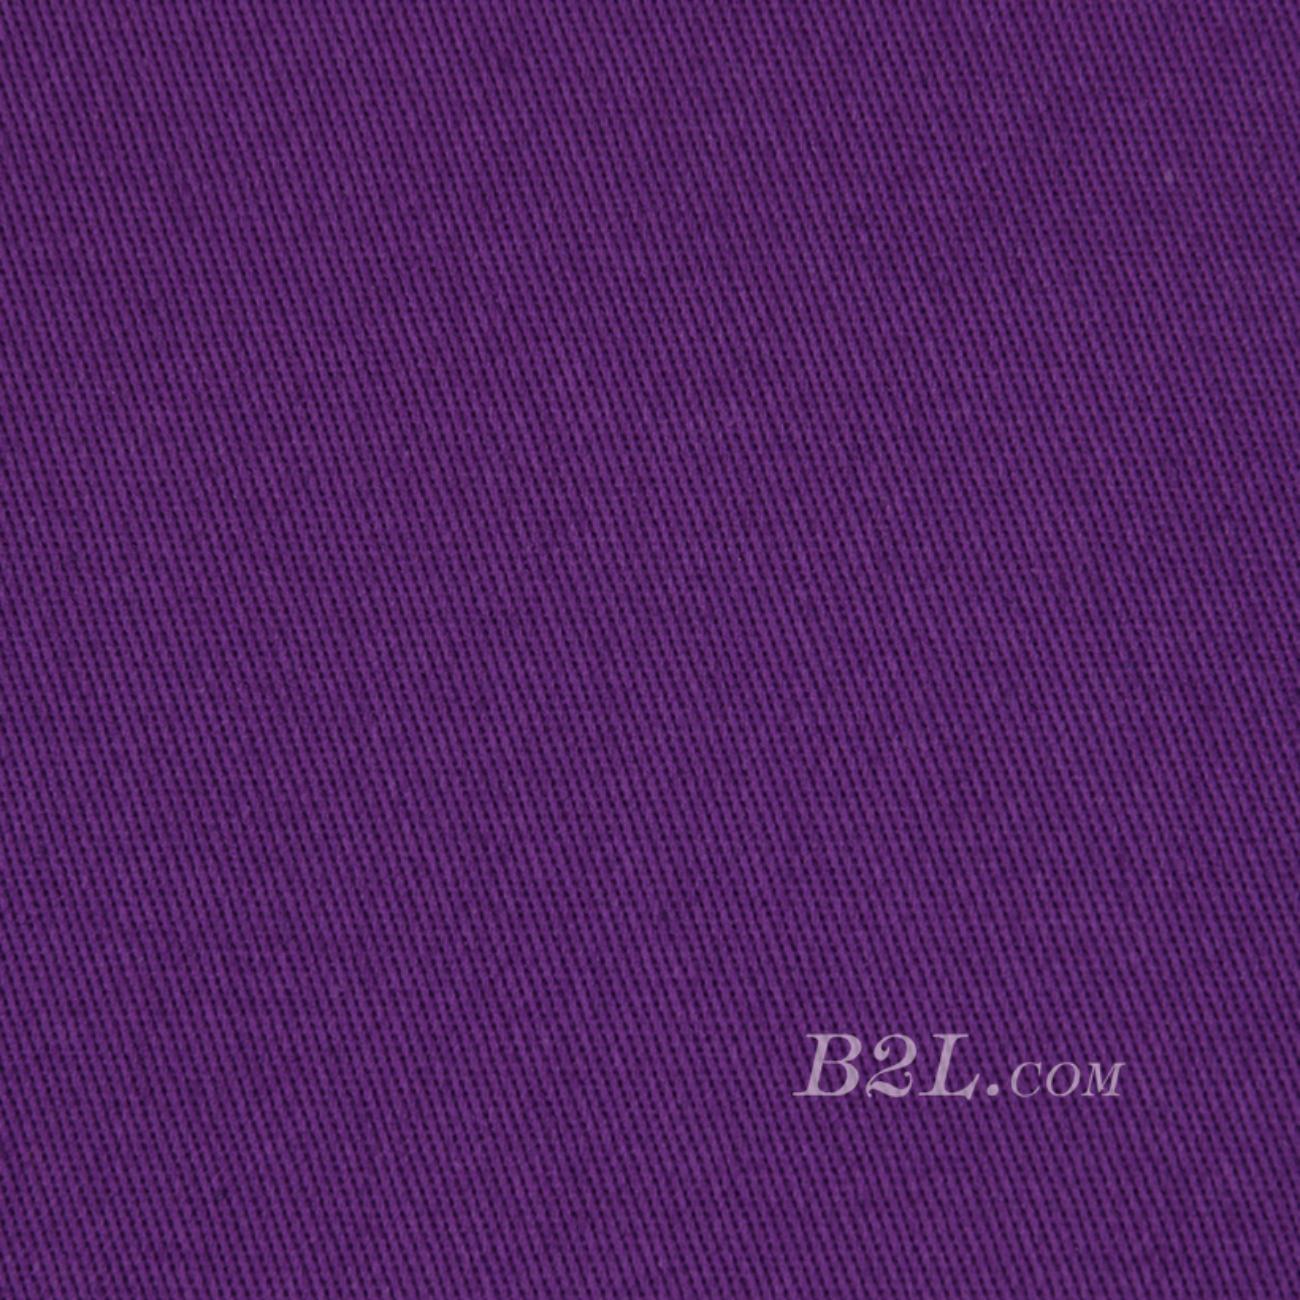 斜纹 素色 梭织 染色 纬弹 连衣裙 衬衫 偏硬 细腻 女装 春秋 71116-59